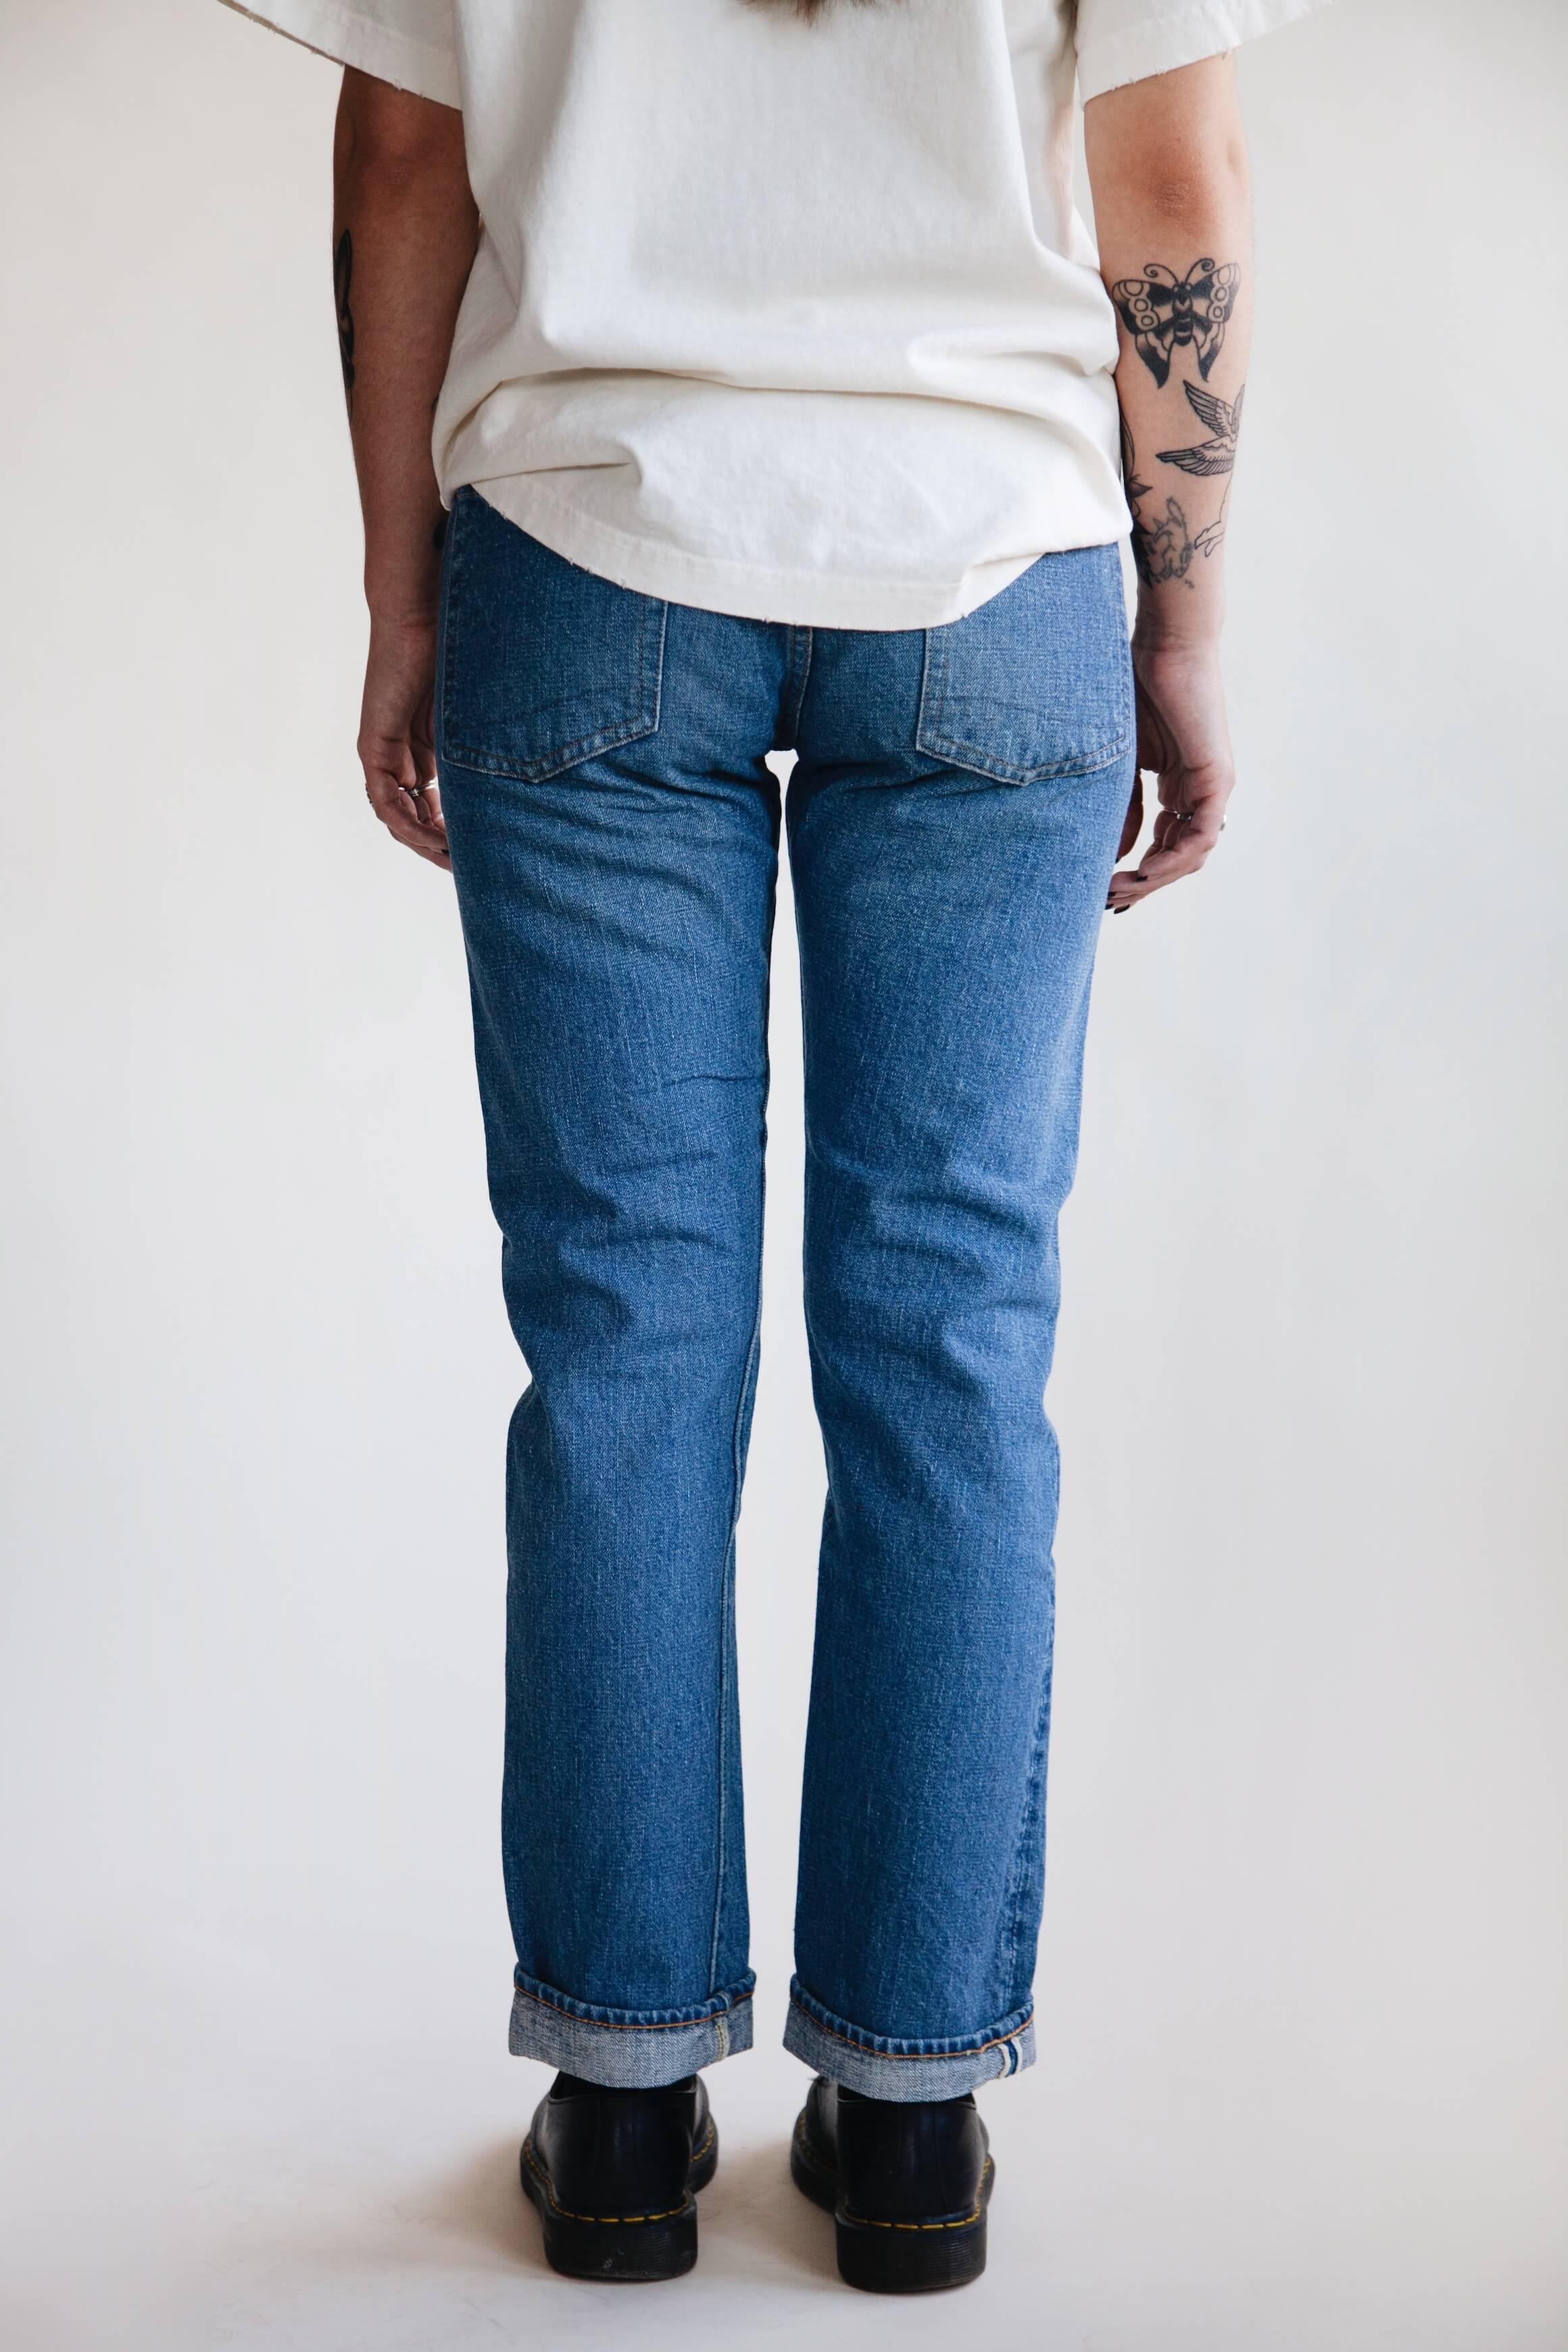 orslow 107 Ivy Denim - 2 year Wash on female model